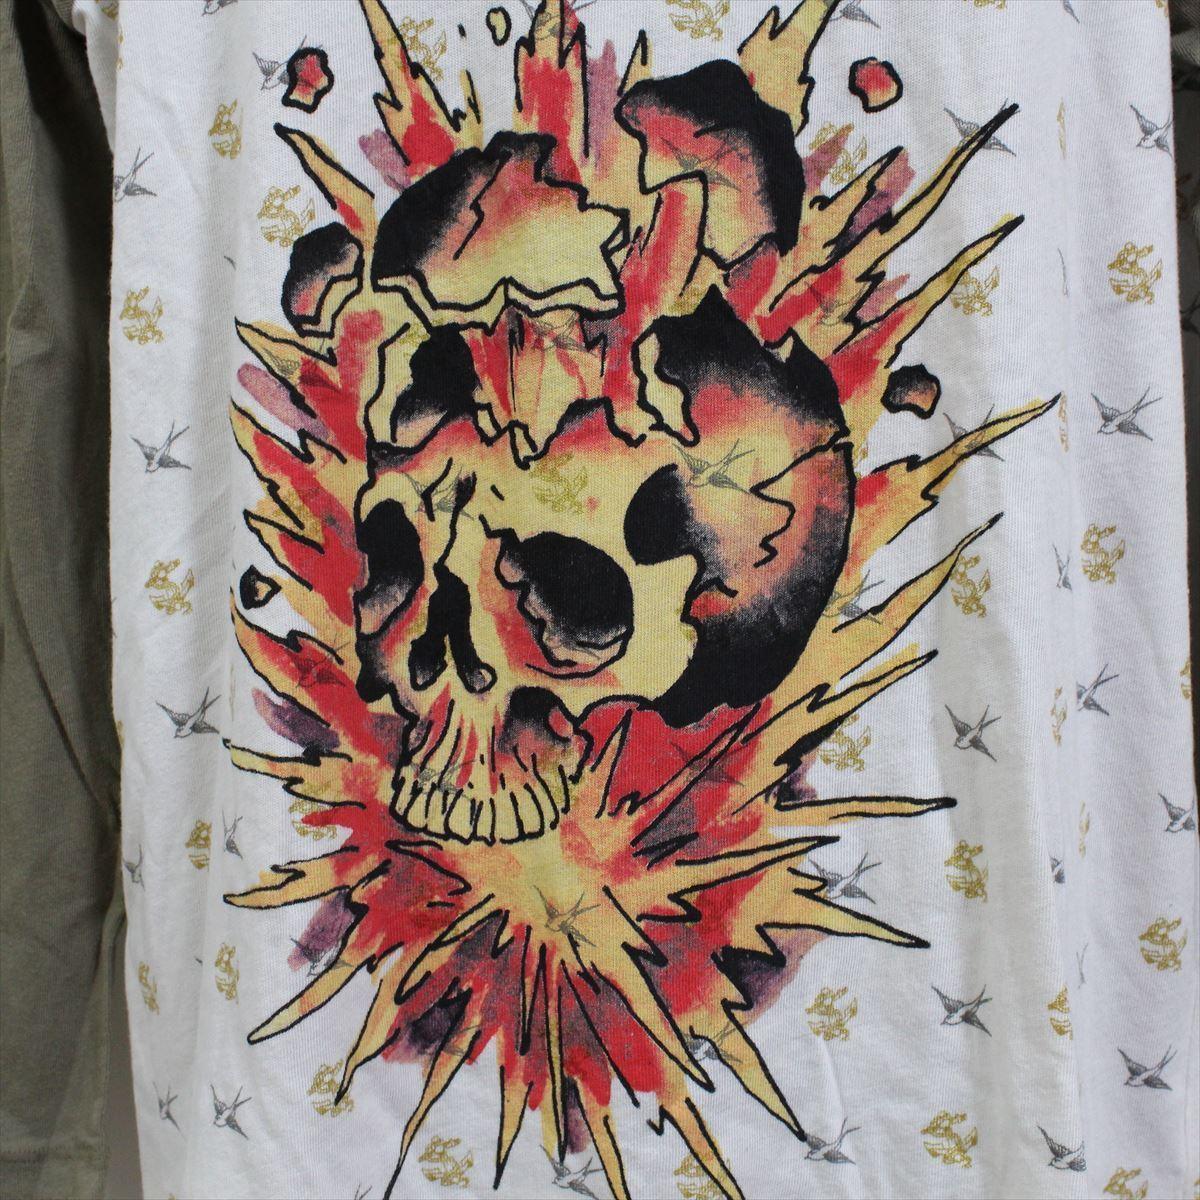 エドハーディー ED HARDY メンズ長袖Tシャツ カーキ Sサイズ M03TTMR312 新品 ラグランスリーブ アメリカ製_画像2